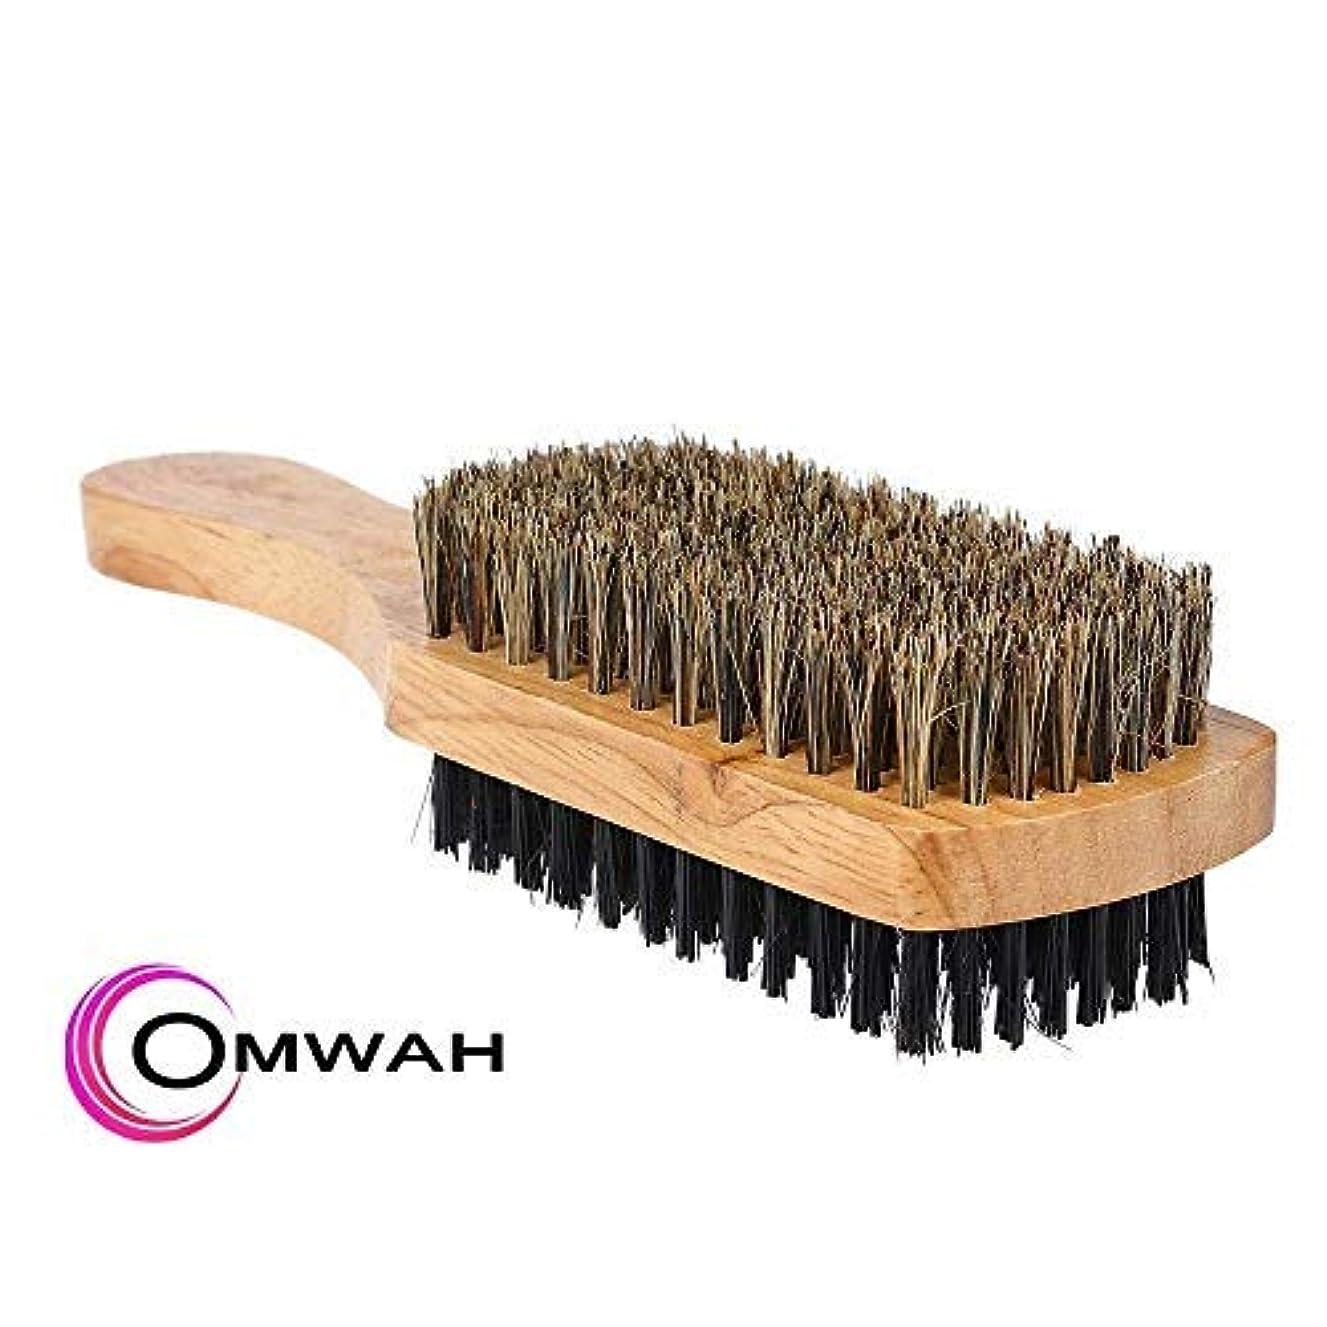 本質的ではないコンパス口実Omwah Double Sided 2 Sided Facial Hairbrush Styling Beard Brush Mens Boar Bristle [並行輸入品]